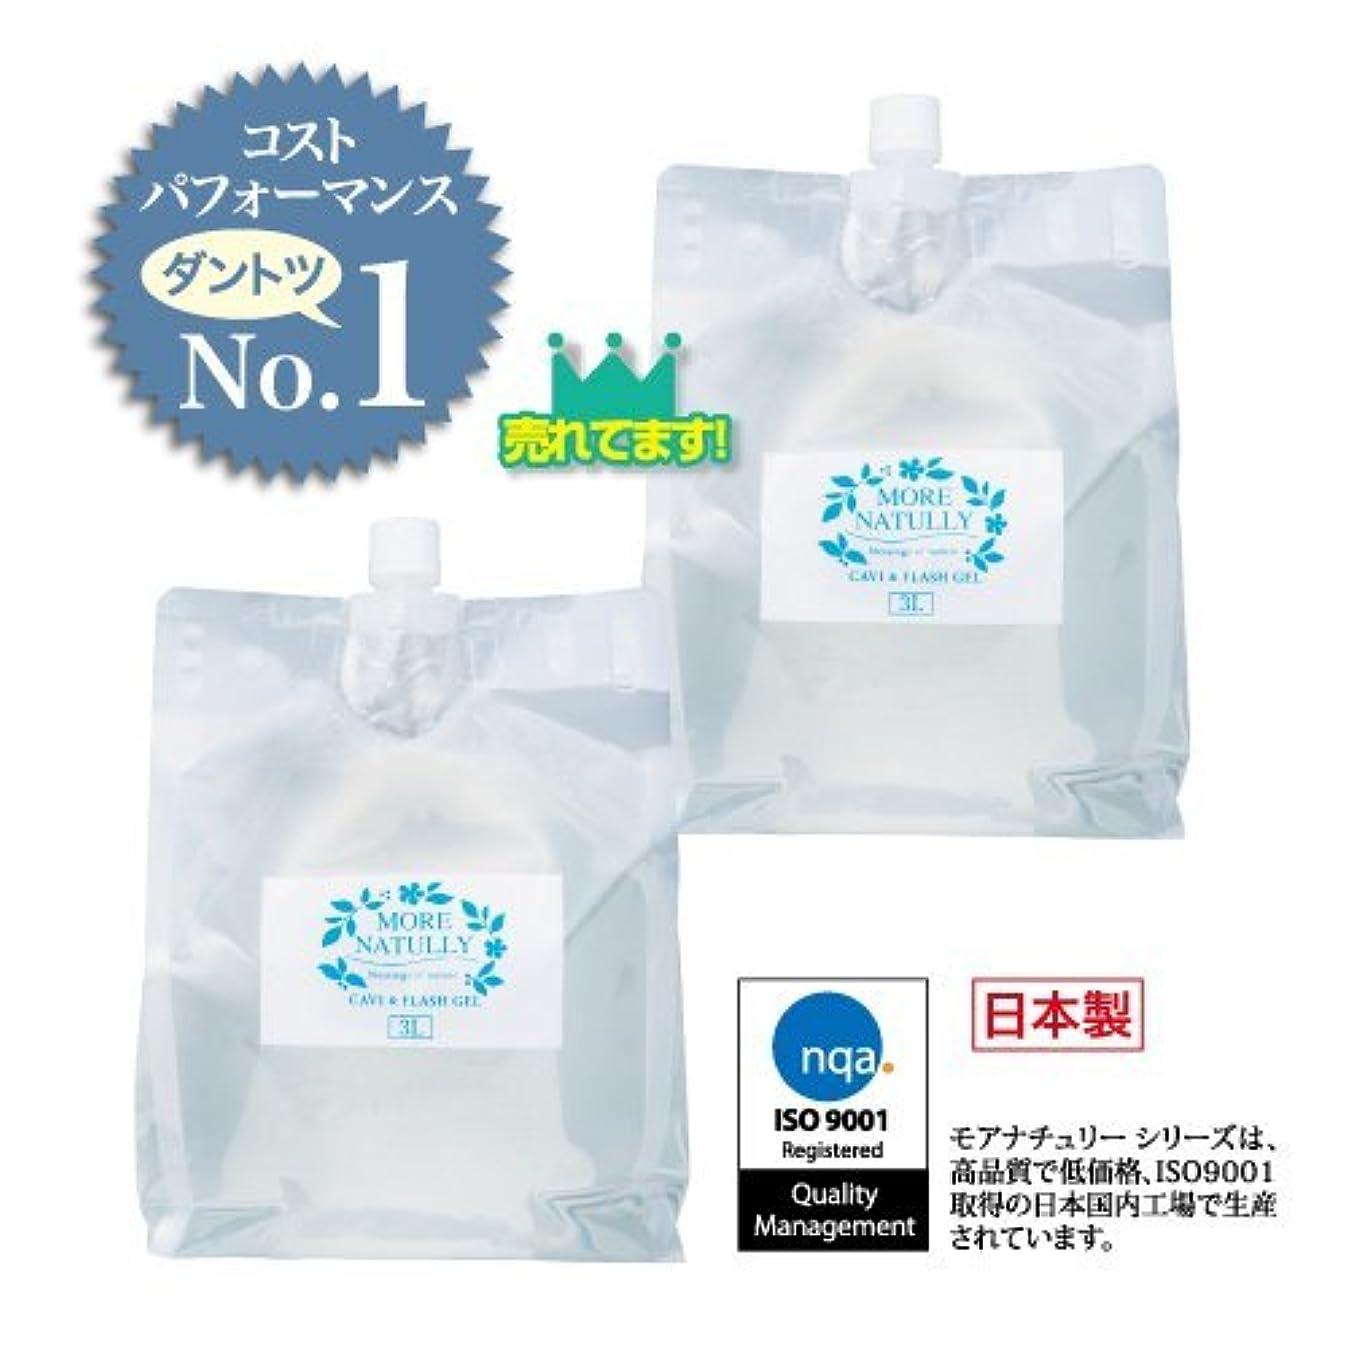 事務所オセアニア店主モアナチュリー キャビ&フラッシュジェル 【ソフト】3kg×2袋